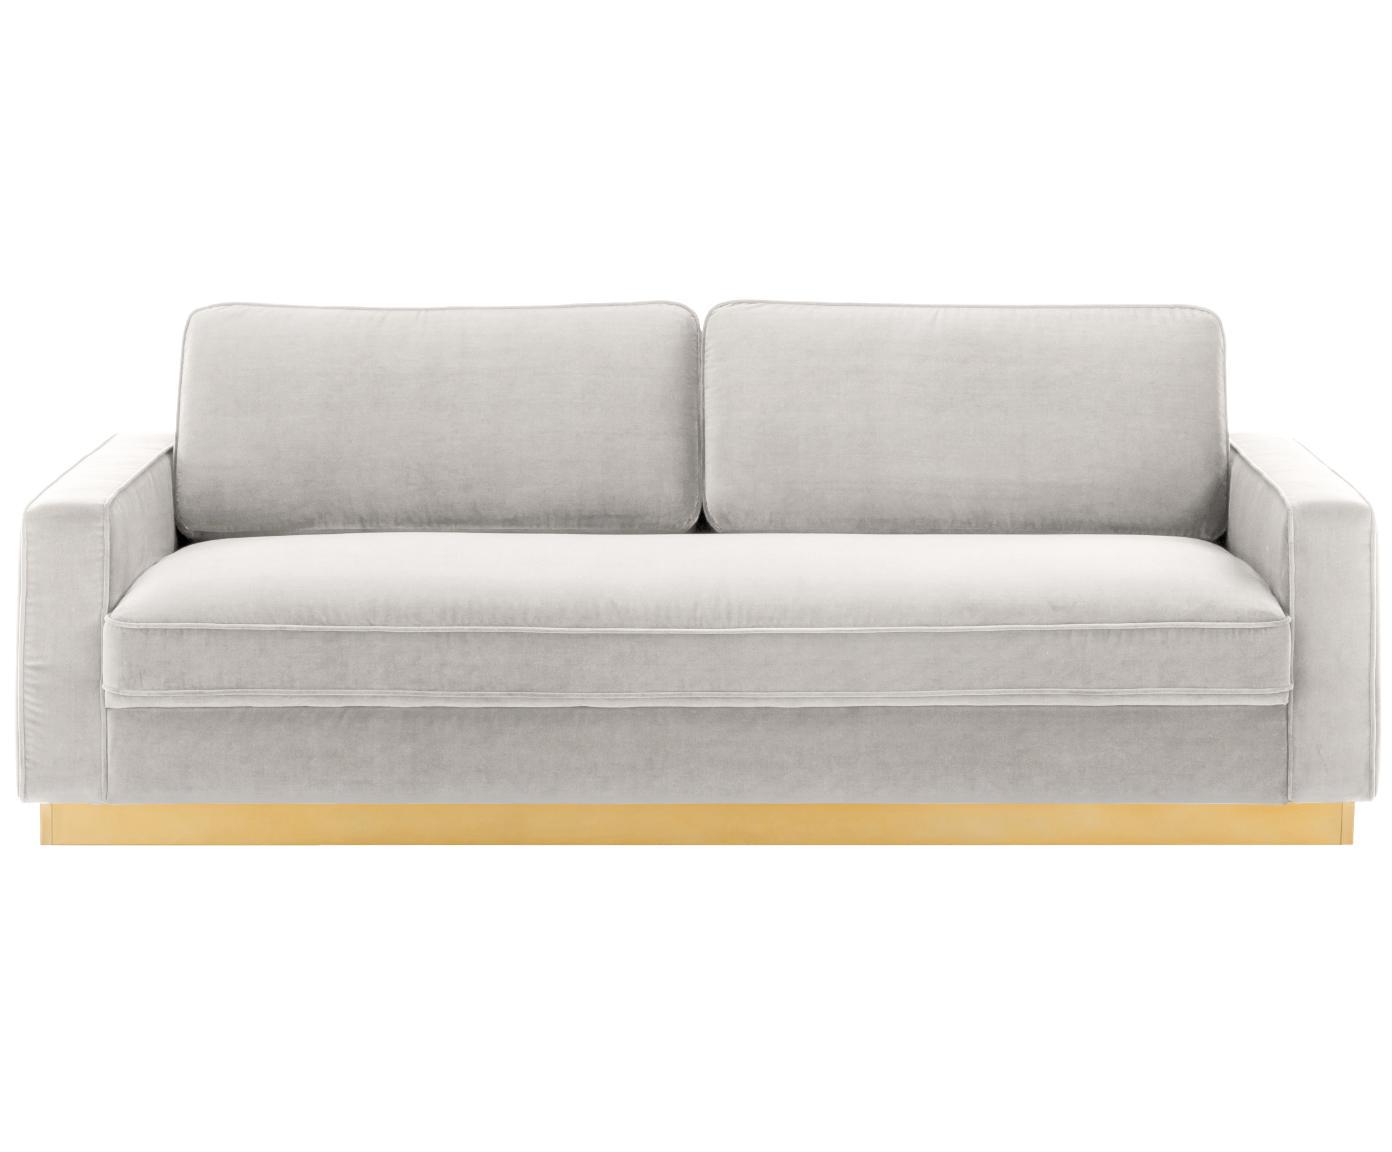 Sofa z aksamitu Chelsea (3-osobowa), Tapicerka: aksamit (wysokiej jakości, Stelaż: masywne drewno świerkowe, Stelaż: metal powlekany, Aksamitny jasny szarobeżowy, S 228 x G 100 cm